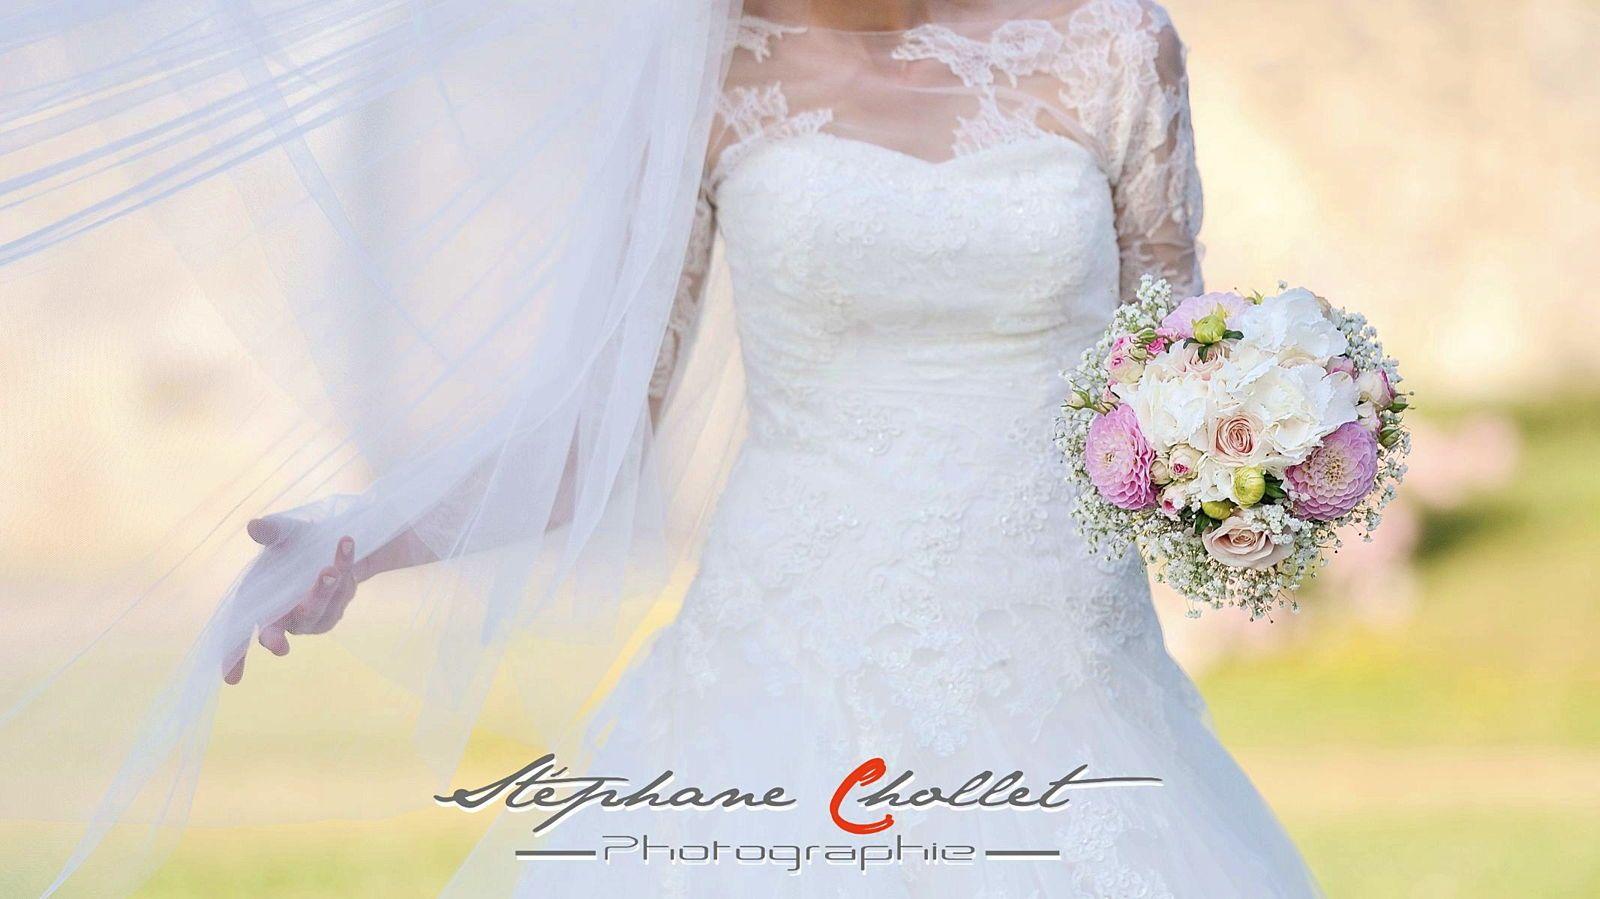 Photographe propose ses services pour mariage, événementiel, baby, Couple, Famille…